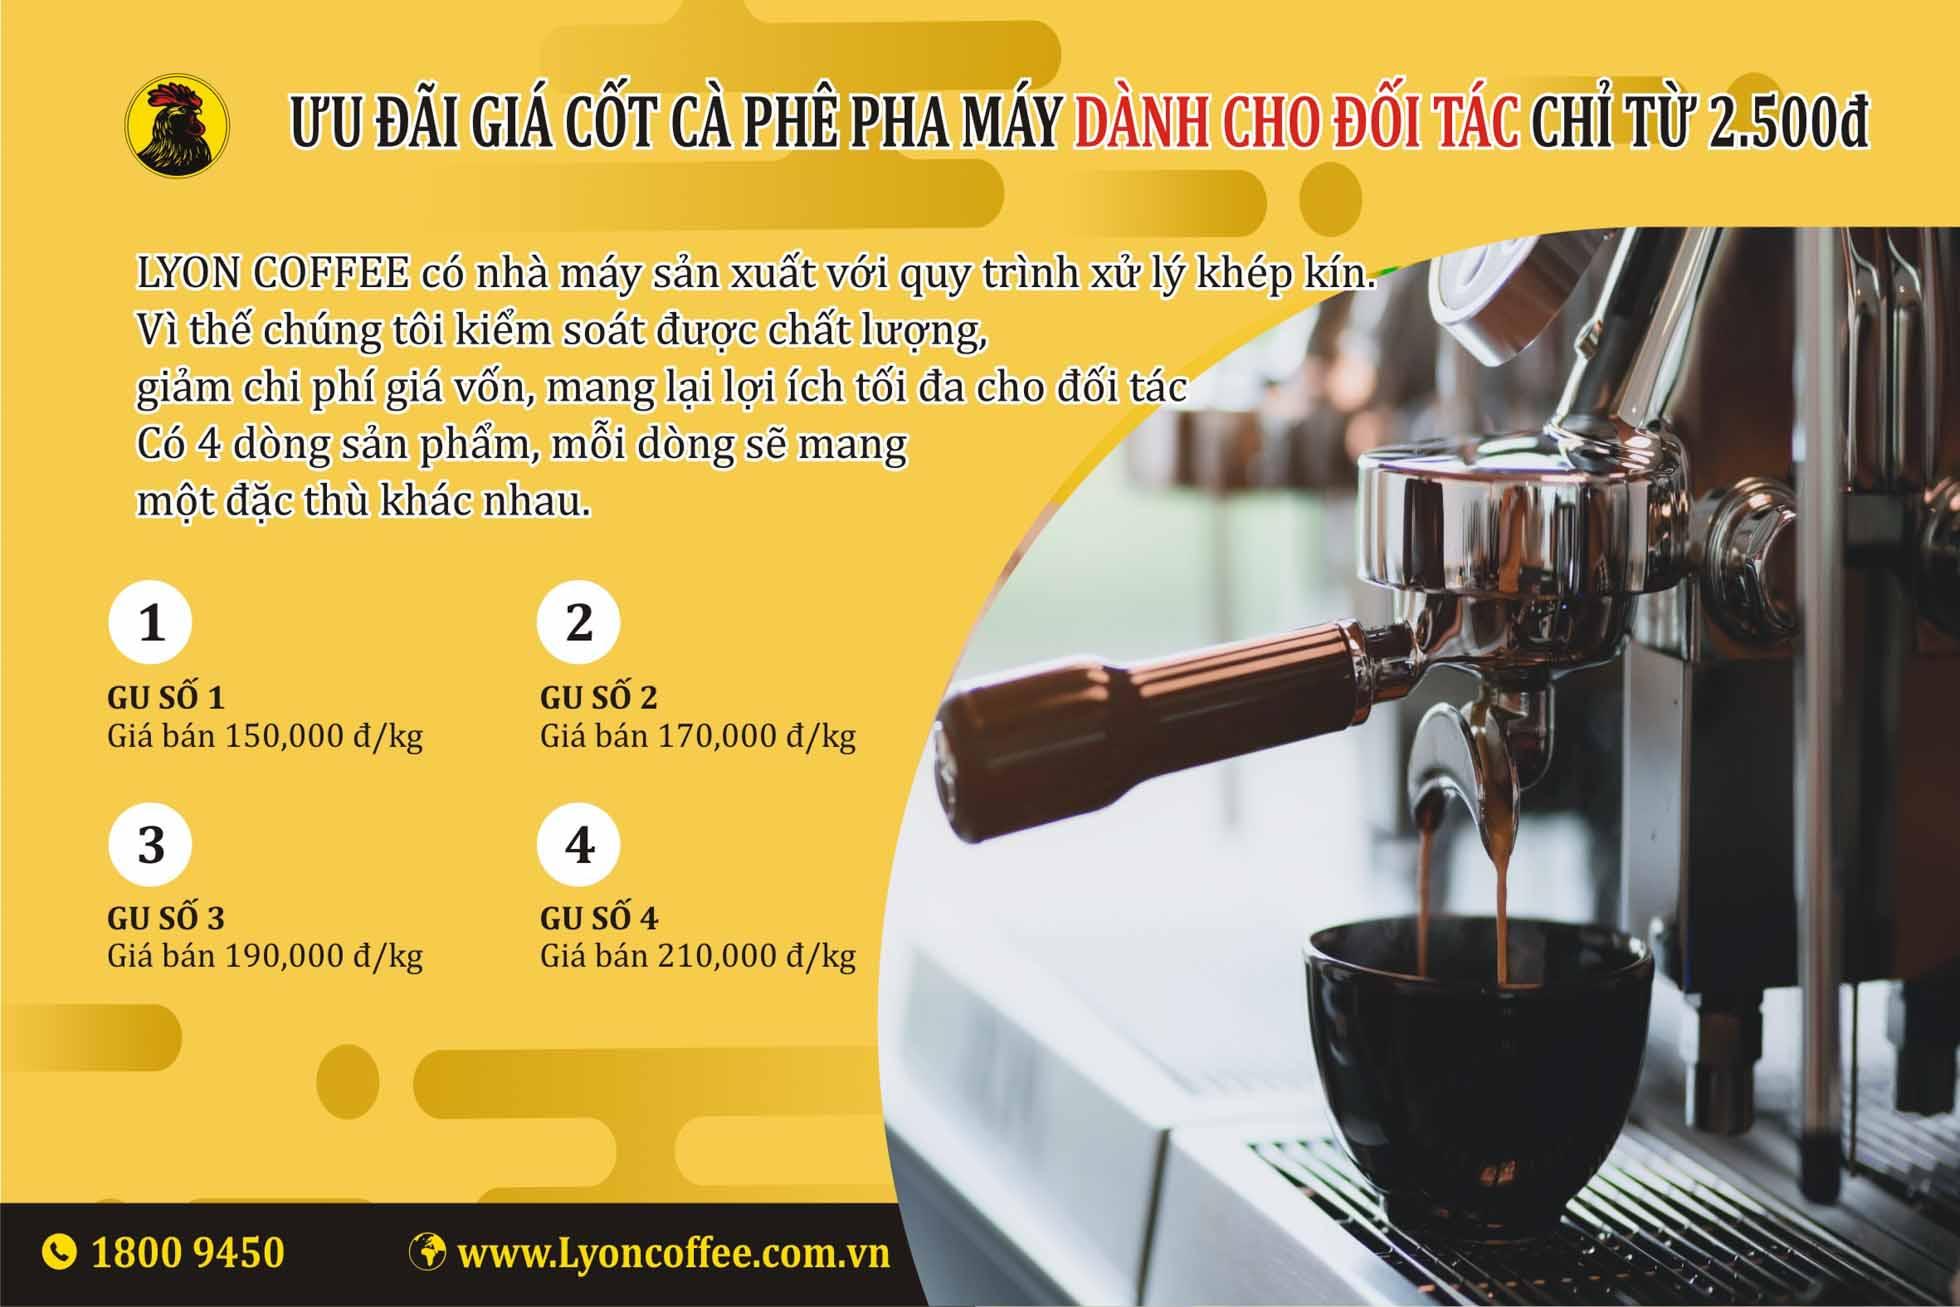 Tìm nguồn cung cấp các loại cafe pha máy dành cho quán cà phê